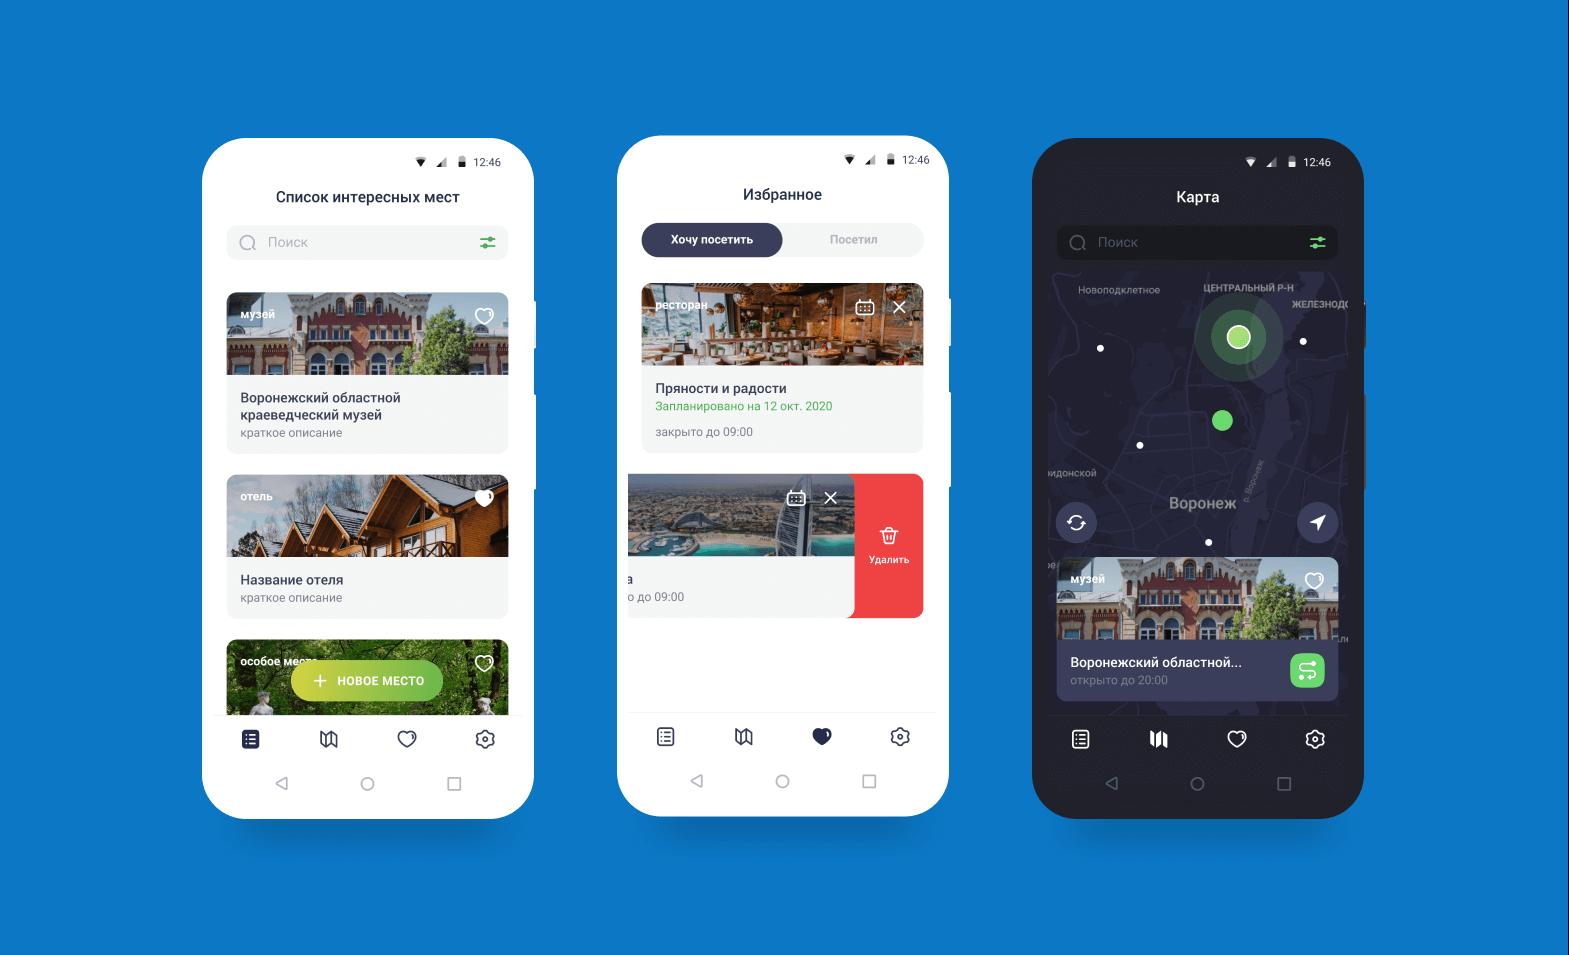 Примеры экранов из практического кейса курса Flutter от Surf — мобильное приложение со списком интересных мест и достопримечательностей для путешествий по миру